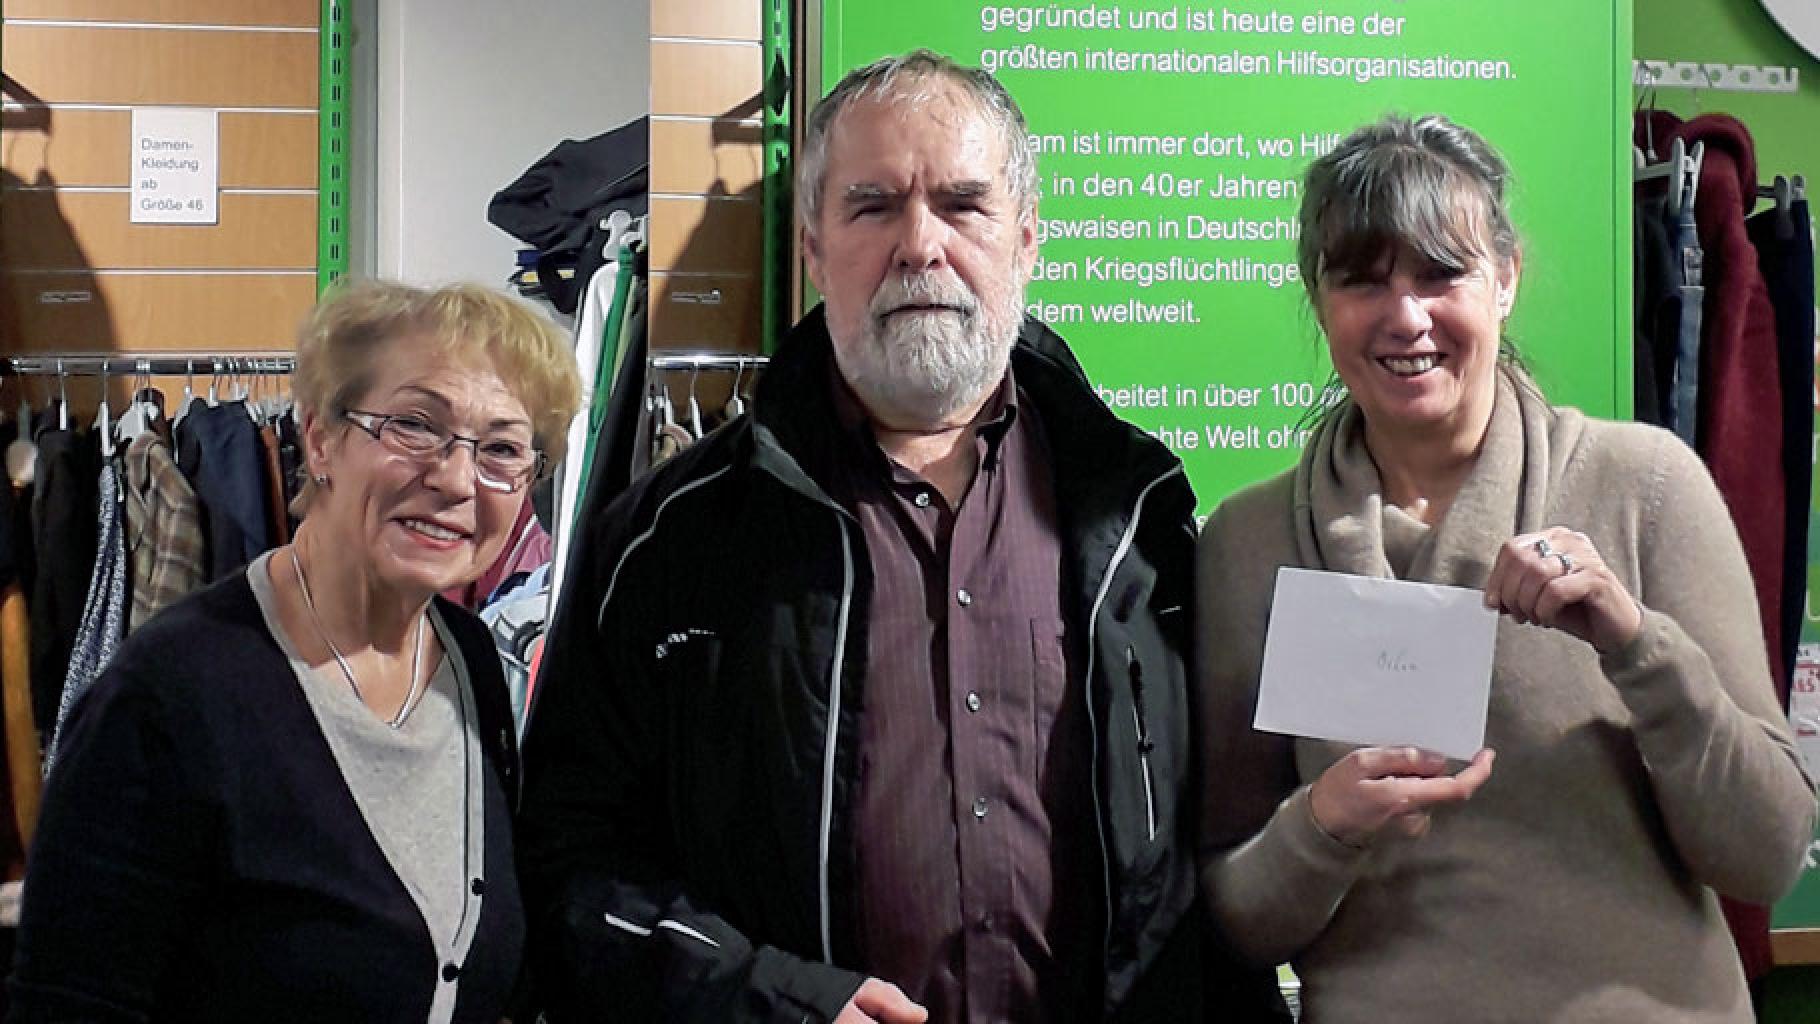 Spendenübergabe im Oxfam Shop Darmstadt: Heidi Queirard, Rolf Widlok und Ulrike Grimm (v.l.)